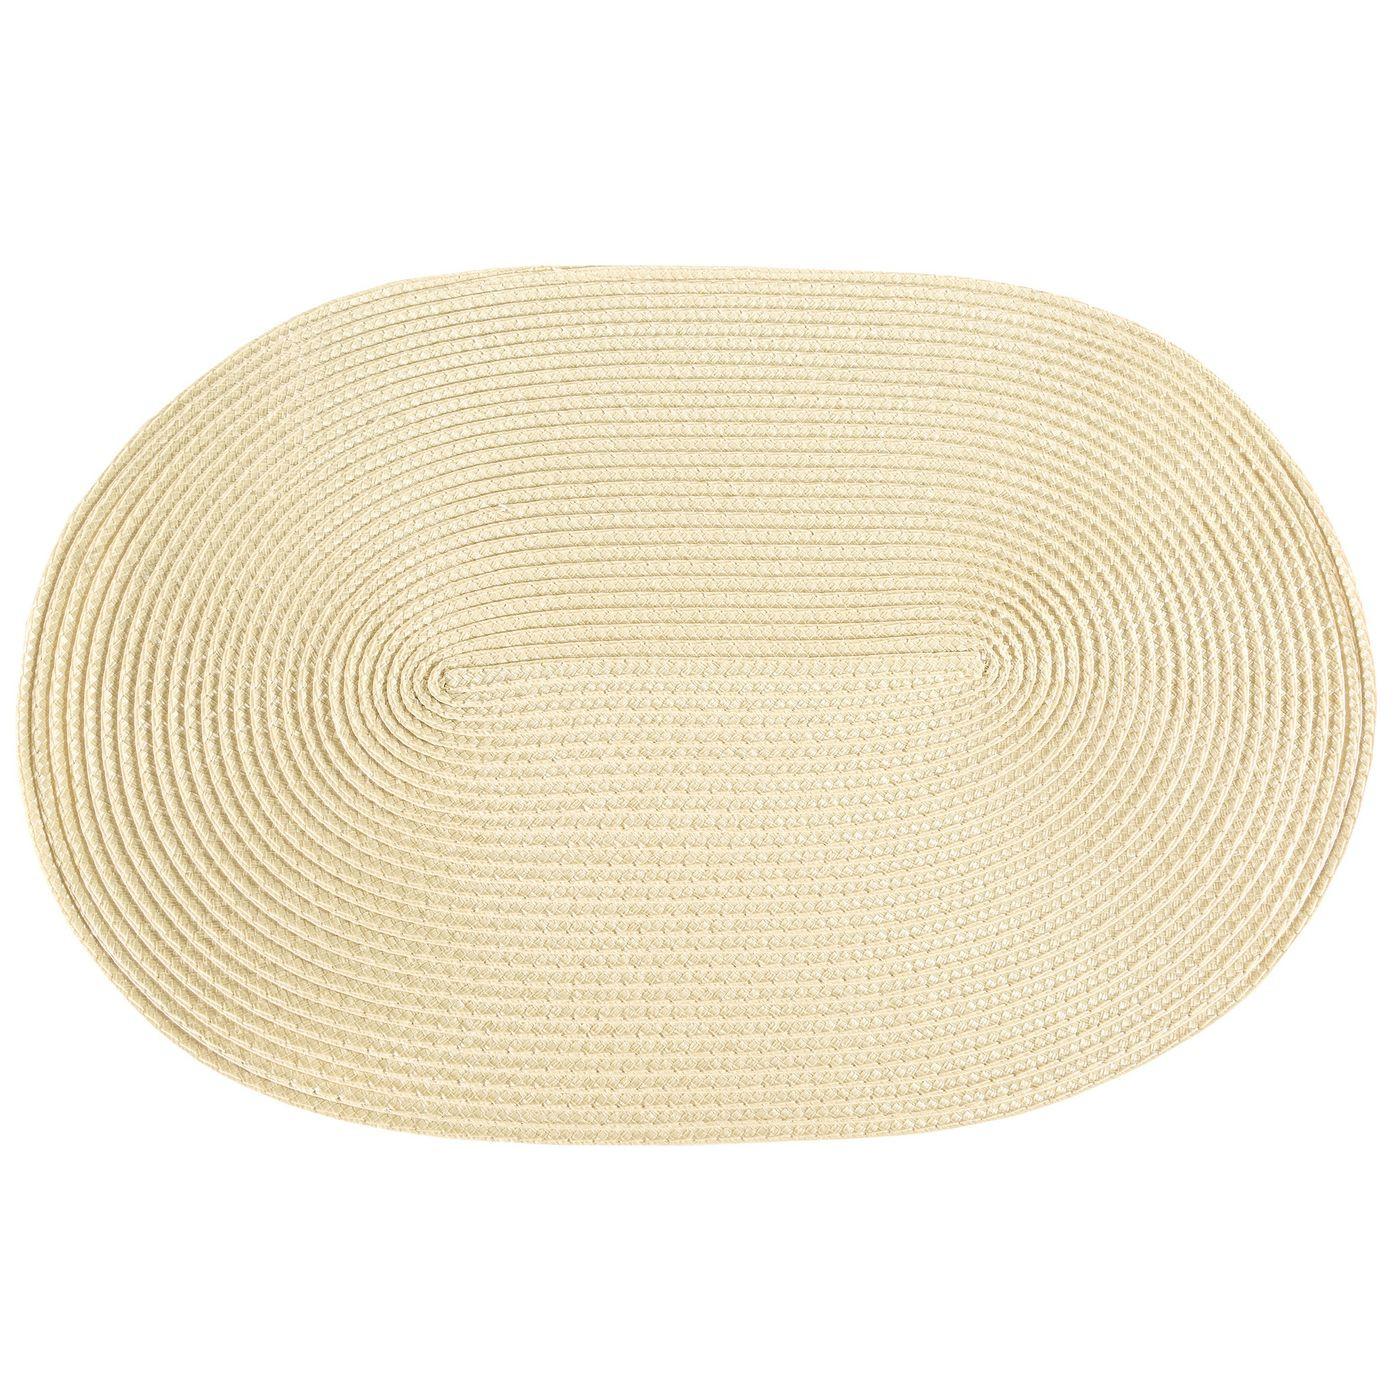 Owalna podkładka stołowa beżowa 30x45 cm